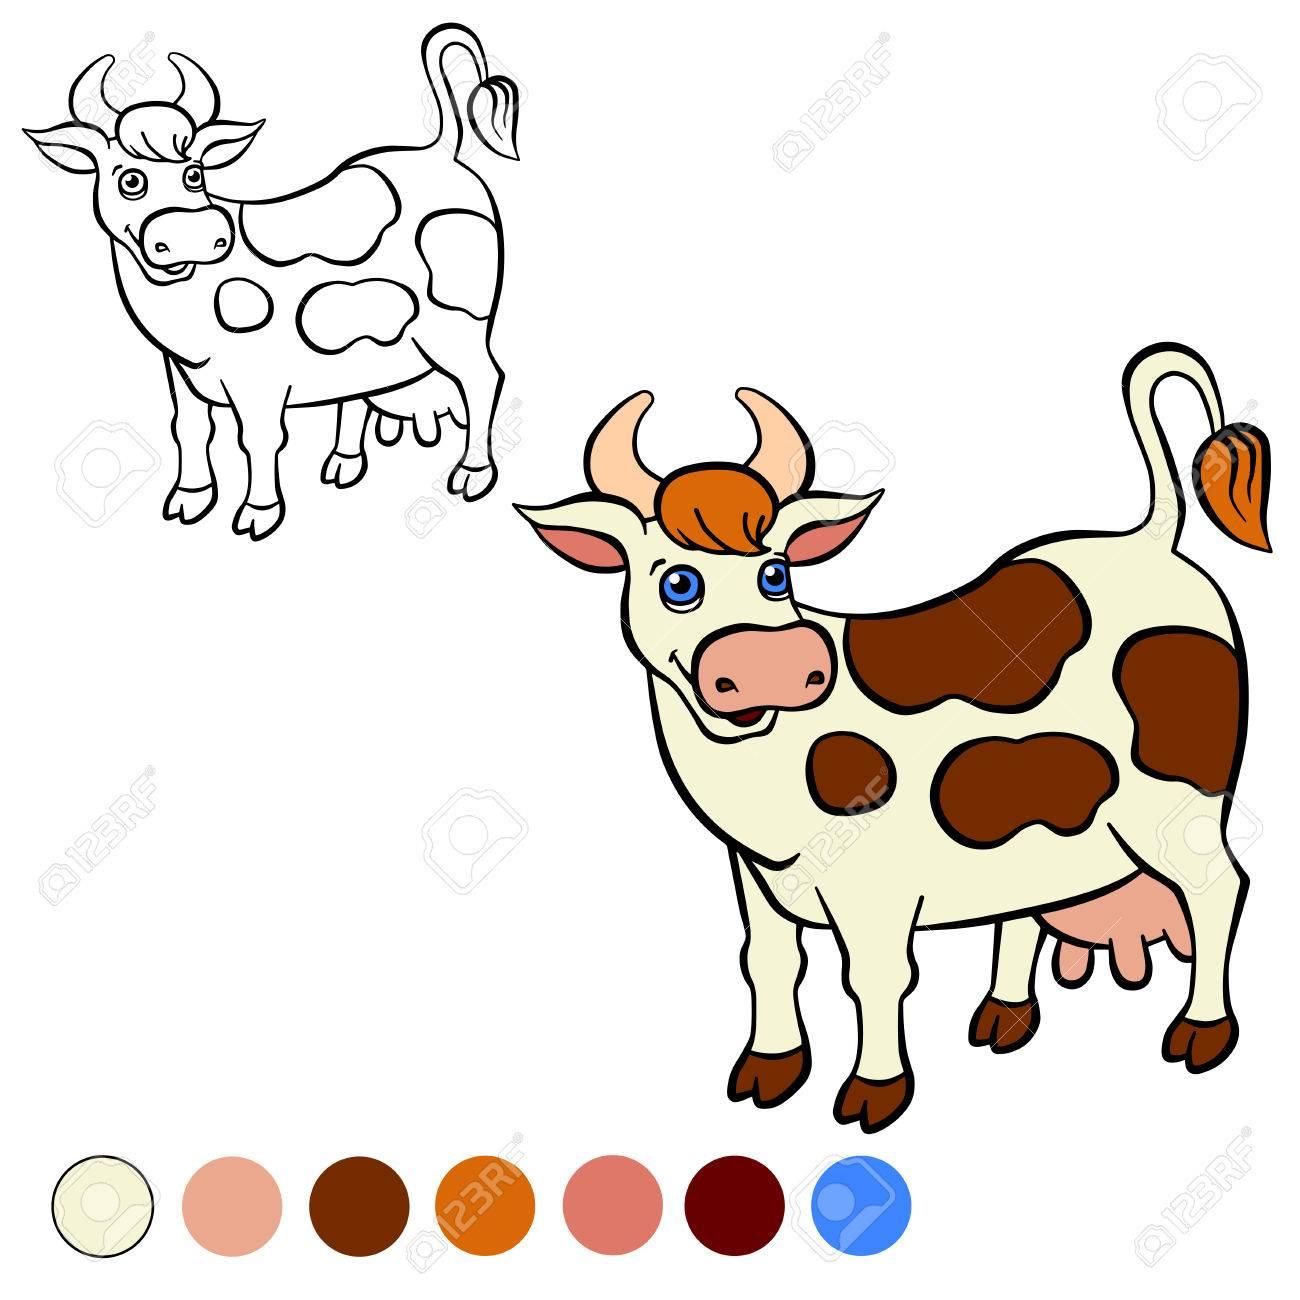 Malvorlage. Color Me: Kuh. Nette Gefleckten Kuh Steht Und Lächelt